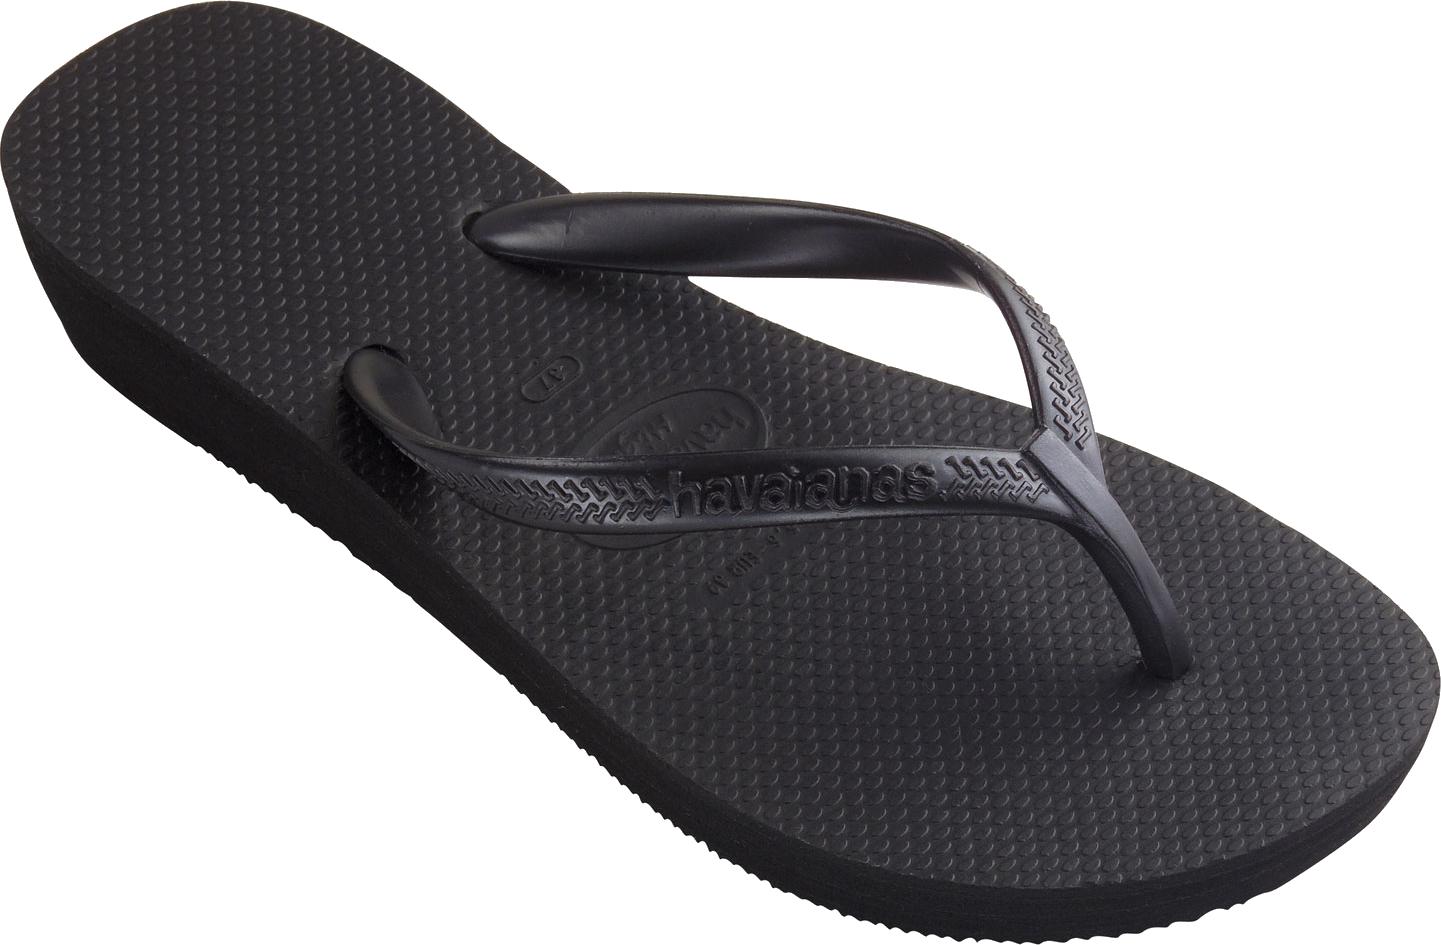 Flip Flop Sandal PNG Image